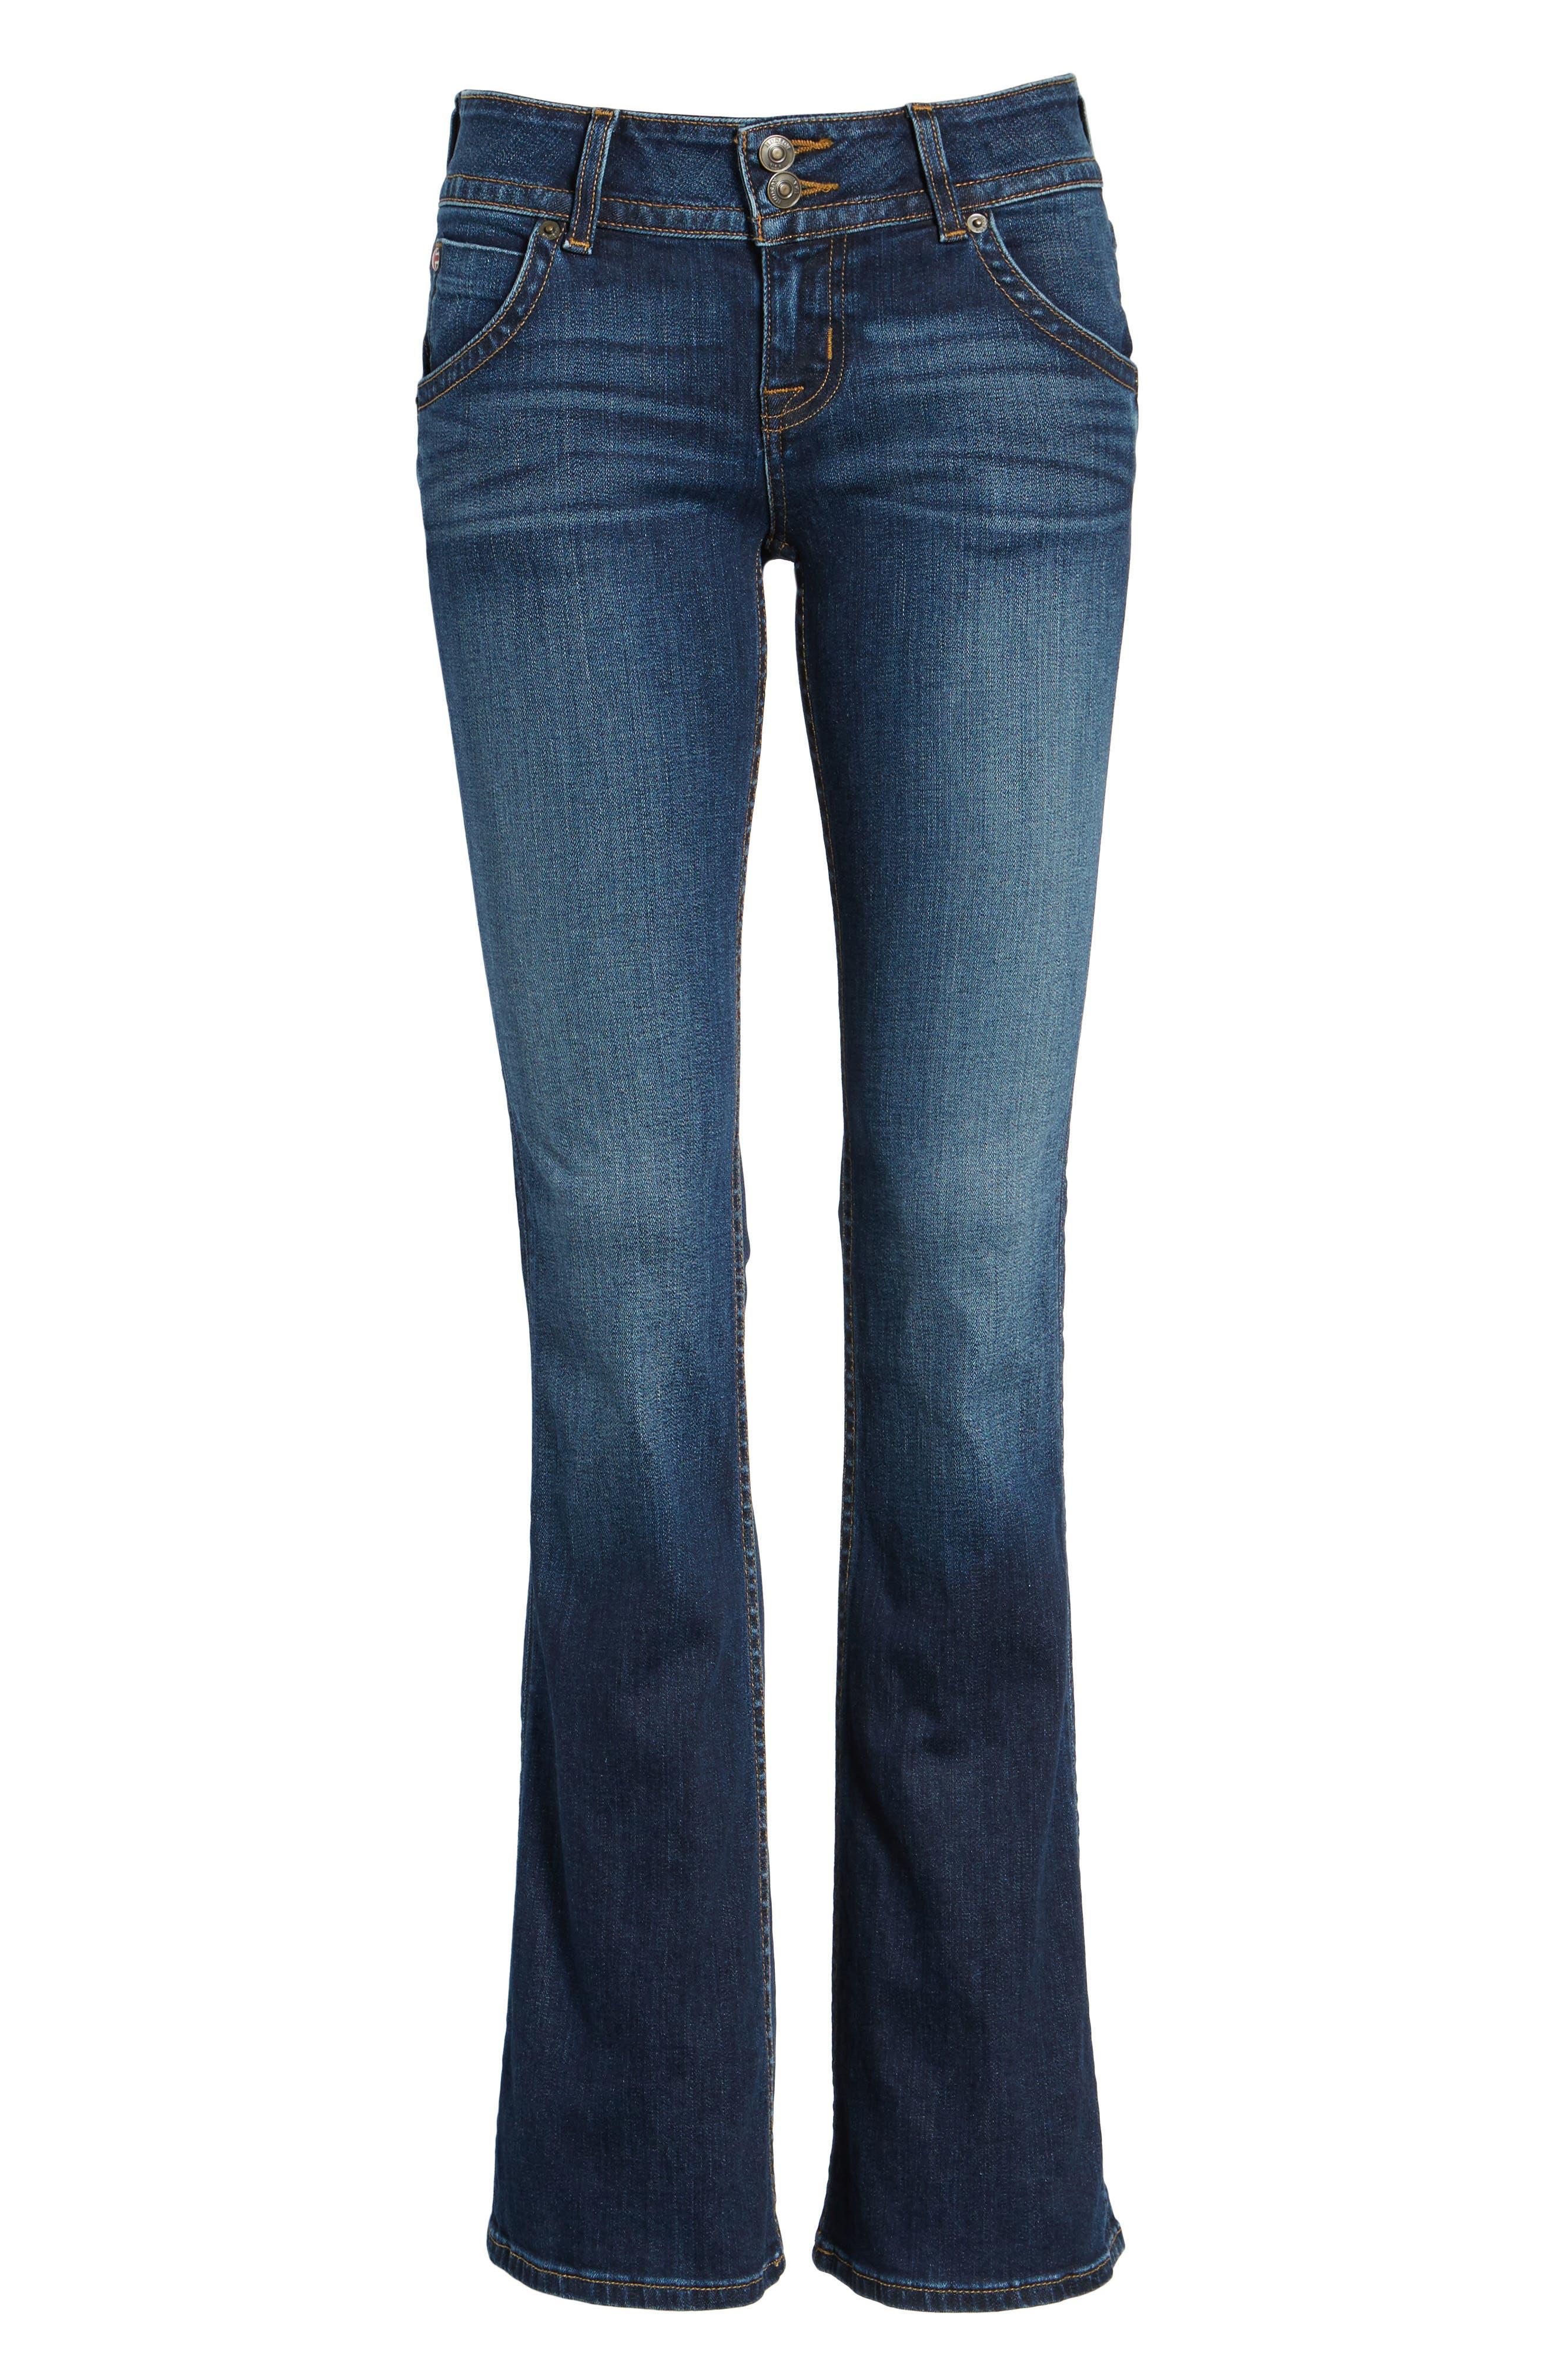 Signature Petite Bootcut Jeans,                             Alternate thumbnail 7, color,                             PATROL UNIT